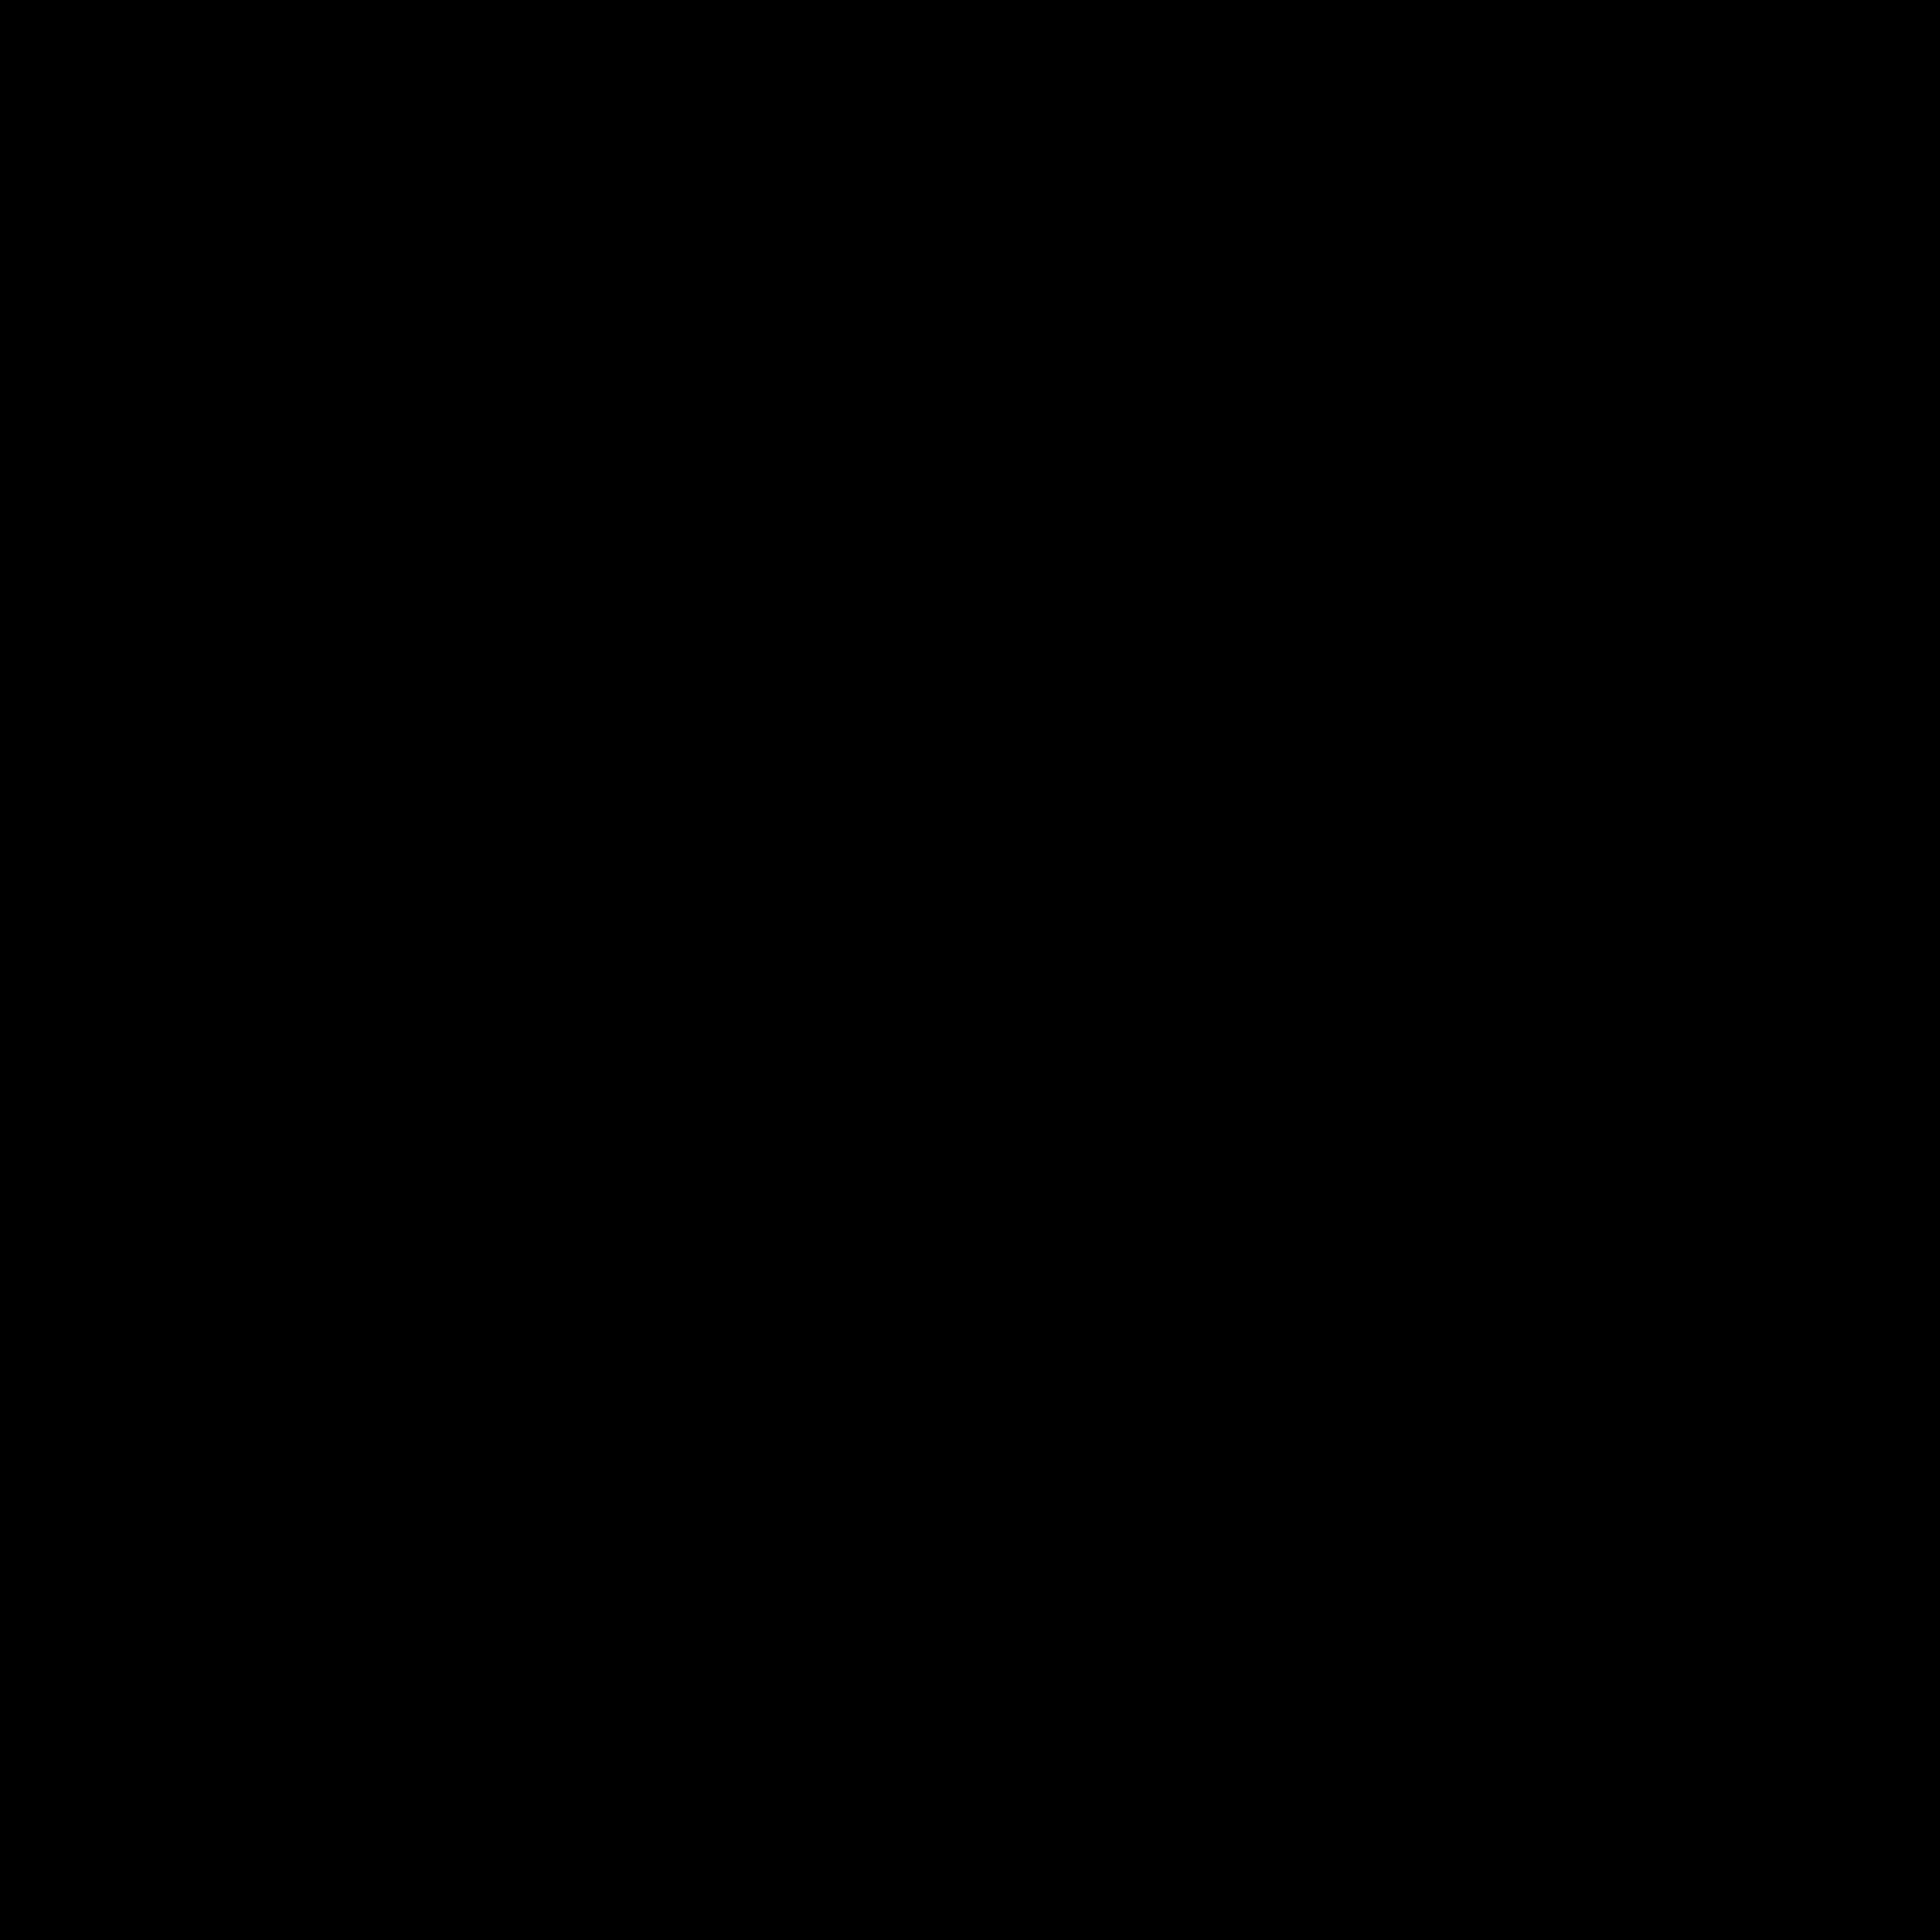 Commodore Amiga Logo PNG Transparent & SVG Vector.